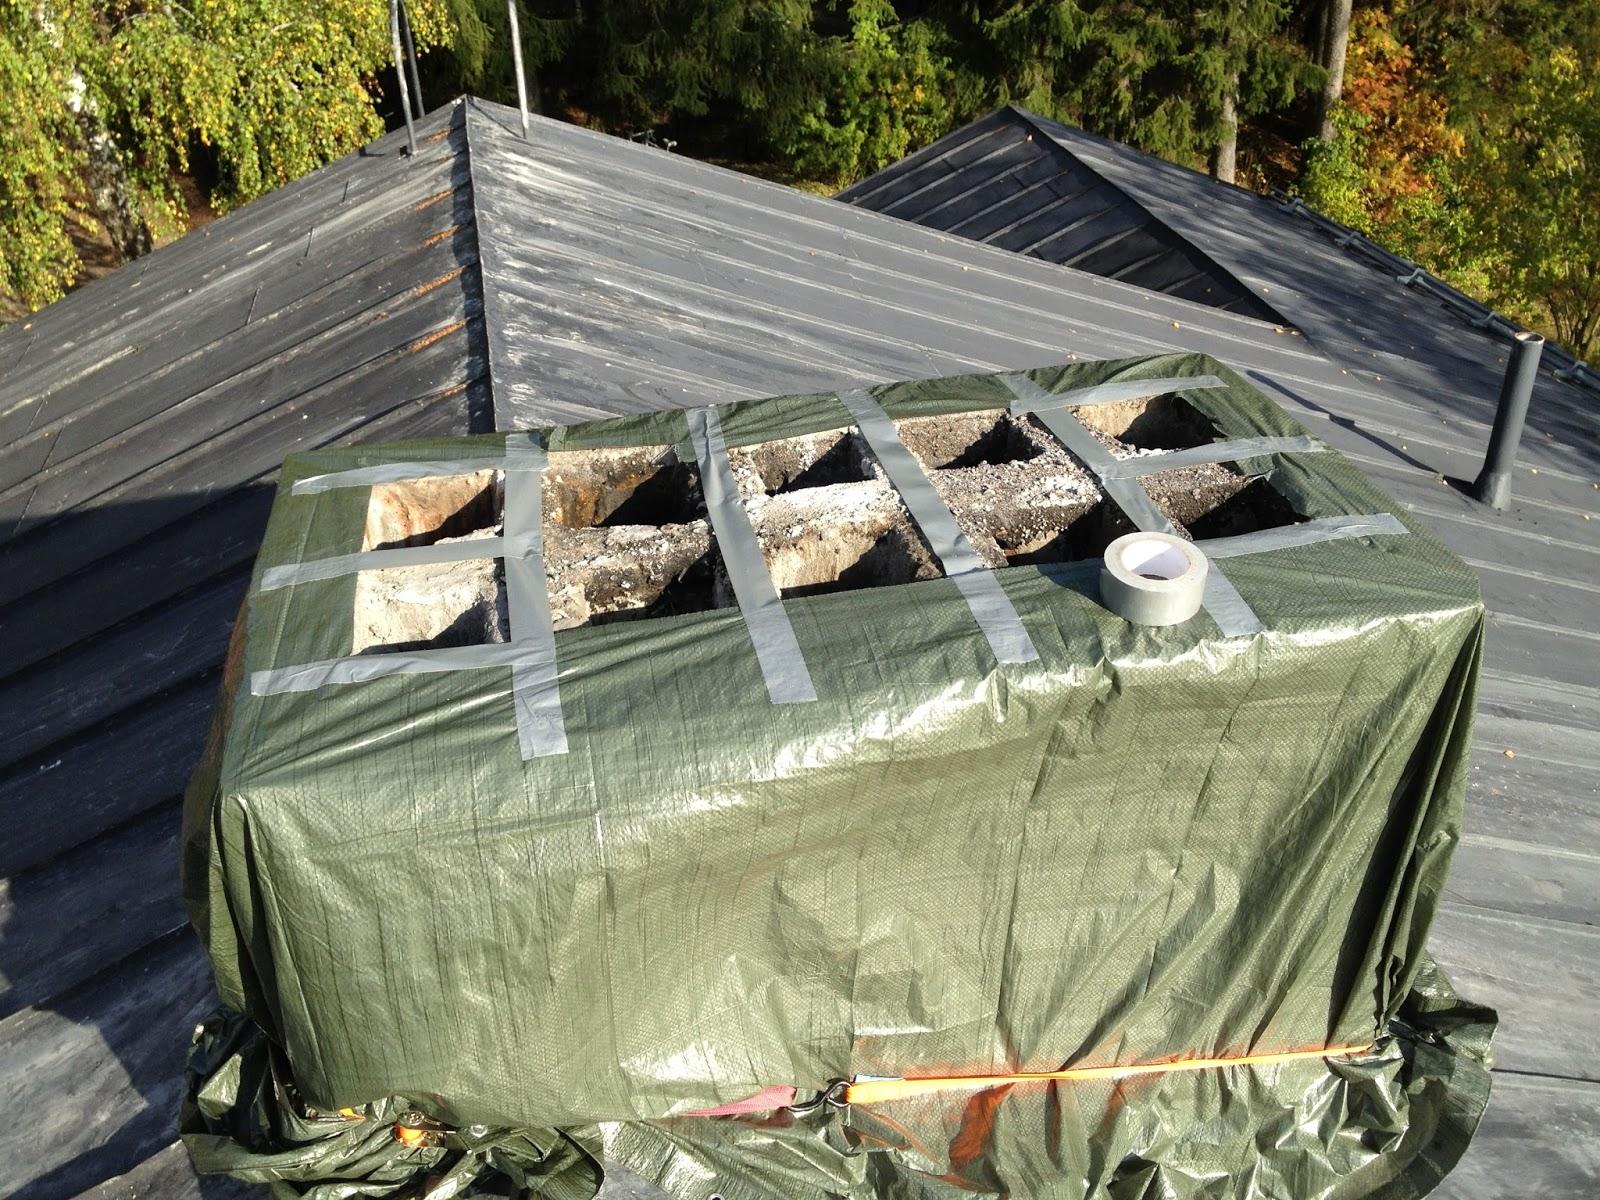 Kun Kimmo talon osti: Savupiipun hormien massaus syksyllä 2012